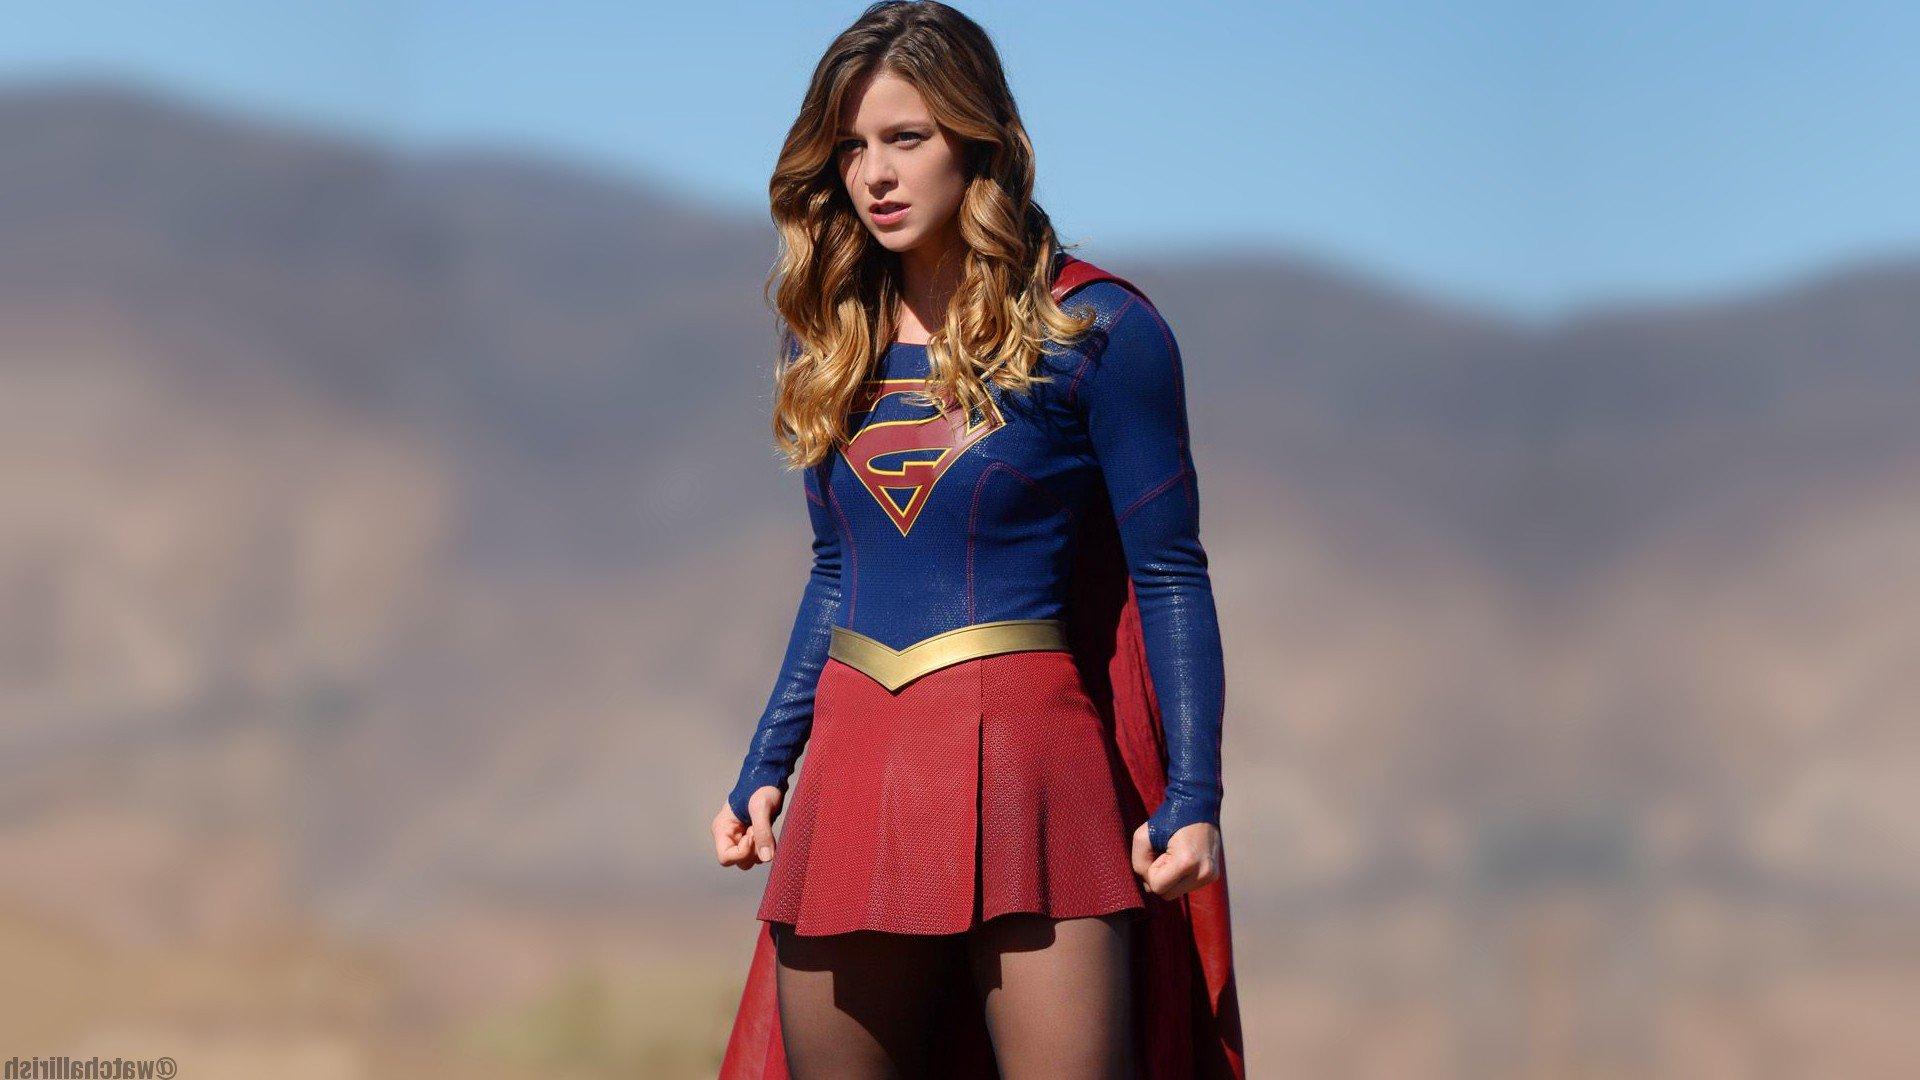 Good Wallpaper Logo Supergirl - kara-danvers-supergirl-hd  Photograph_601769.jpg